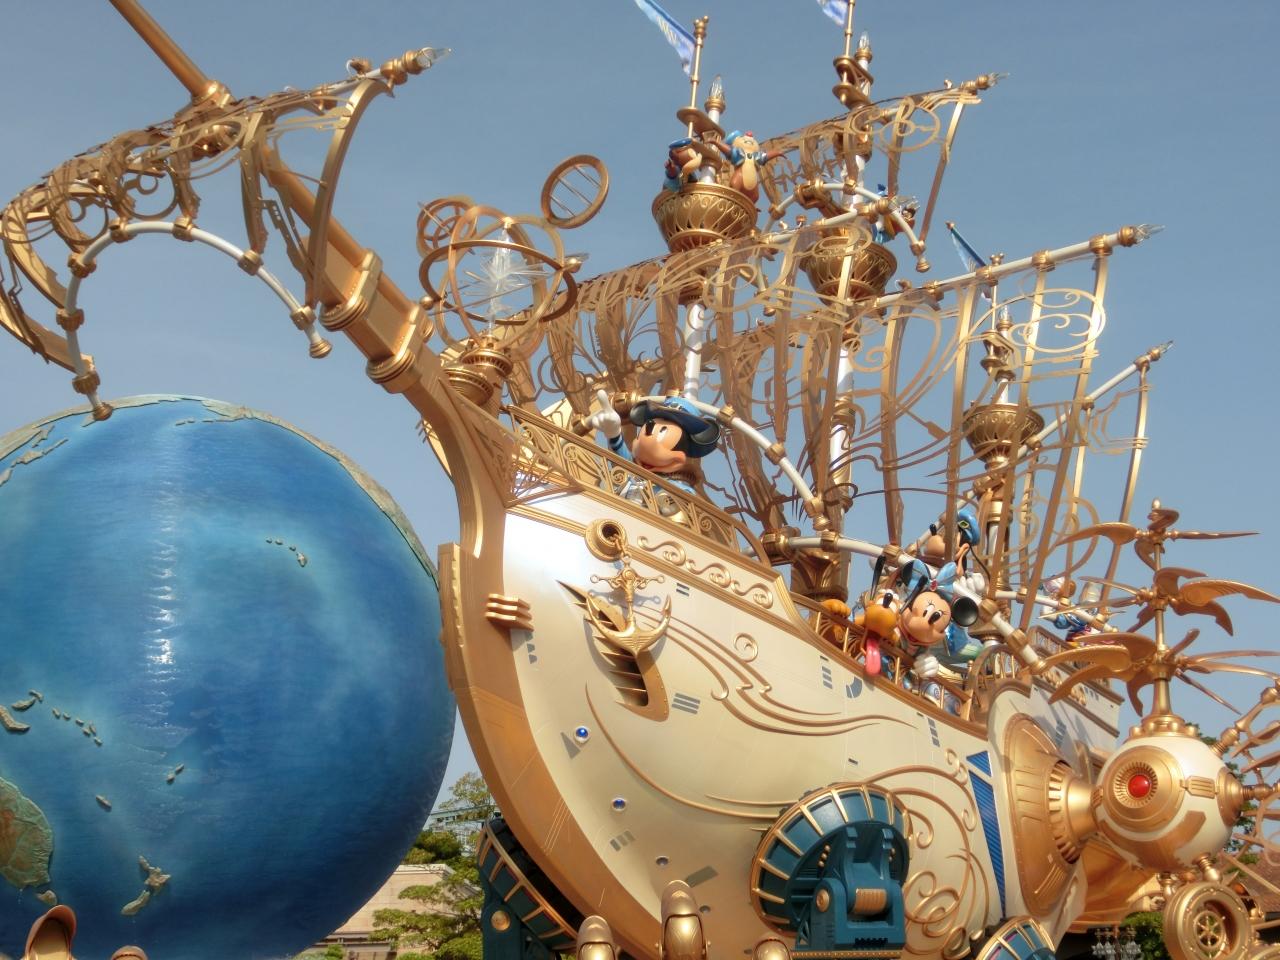 ディズニーシー15周年とディズニーランド「ディズニー・イースター」を